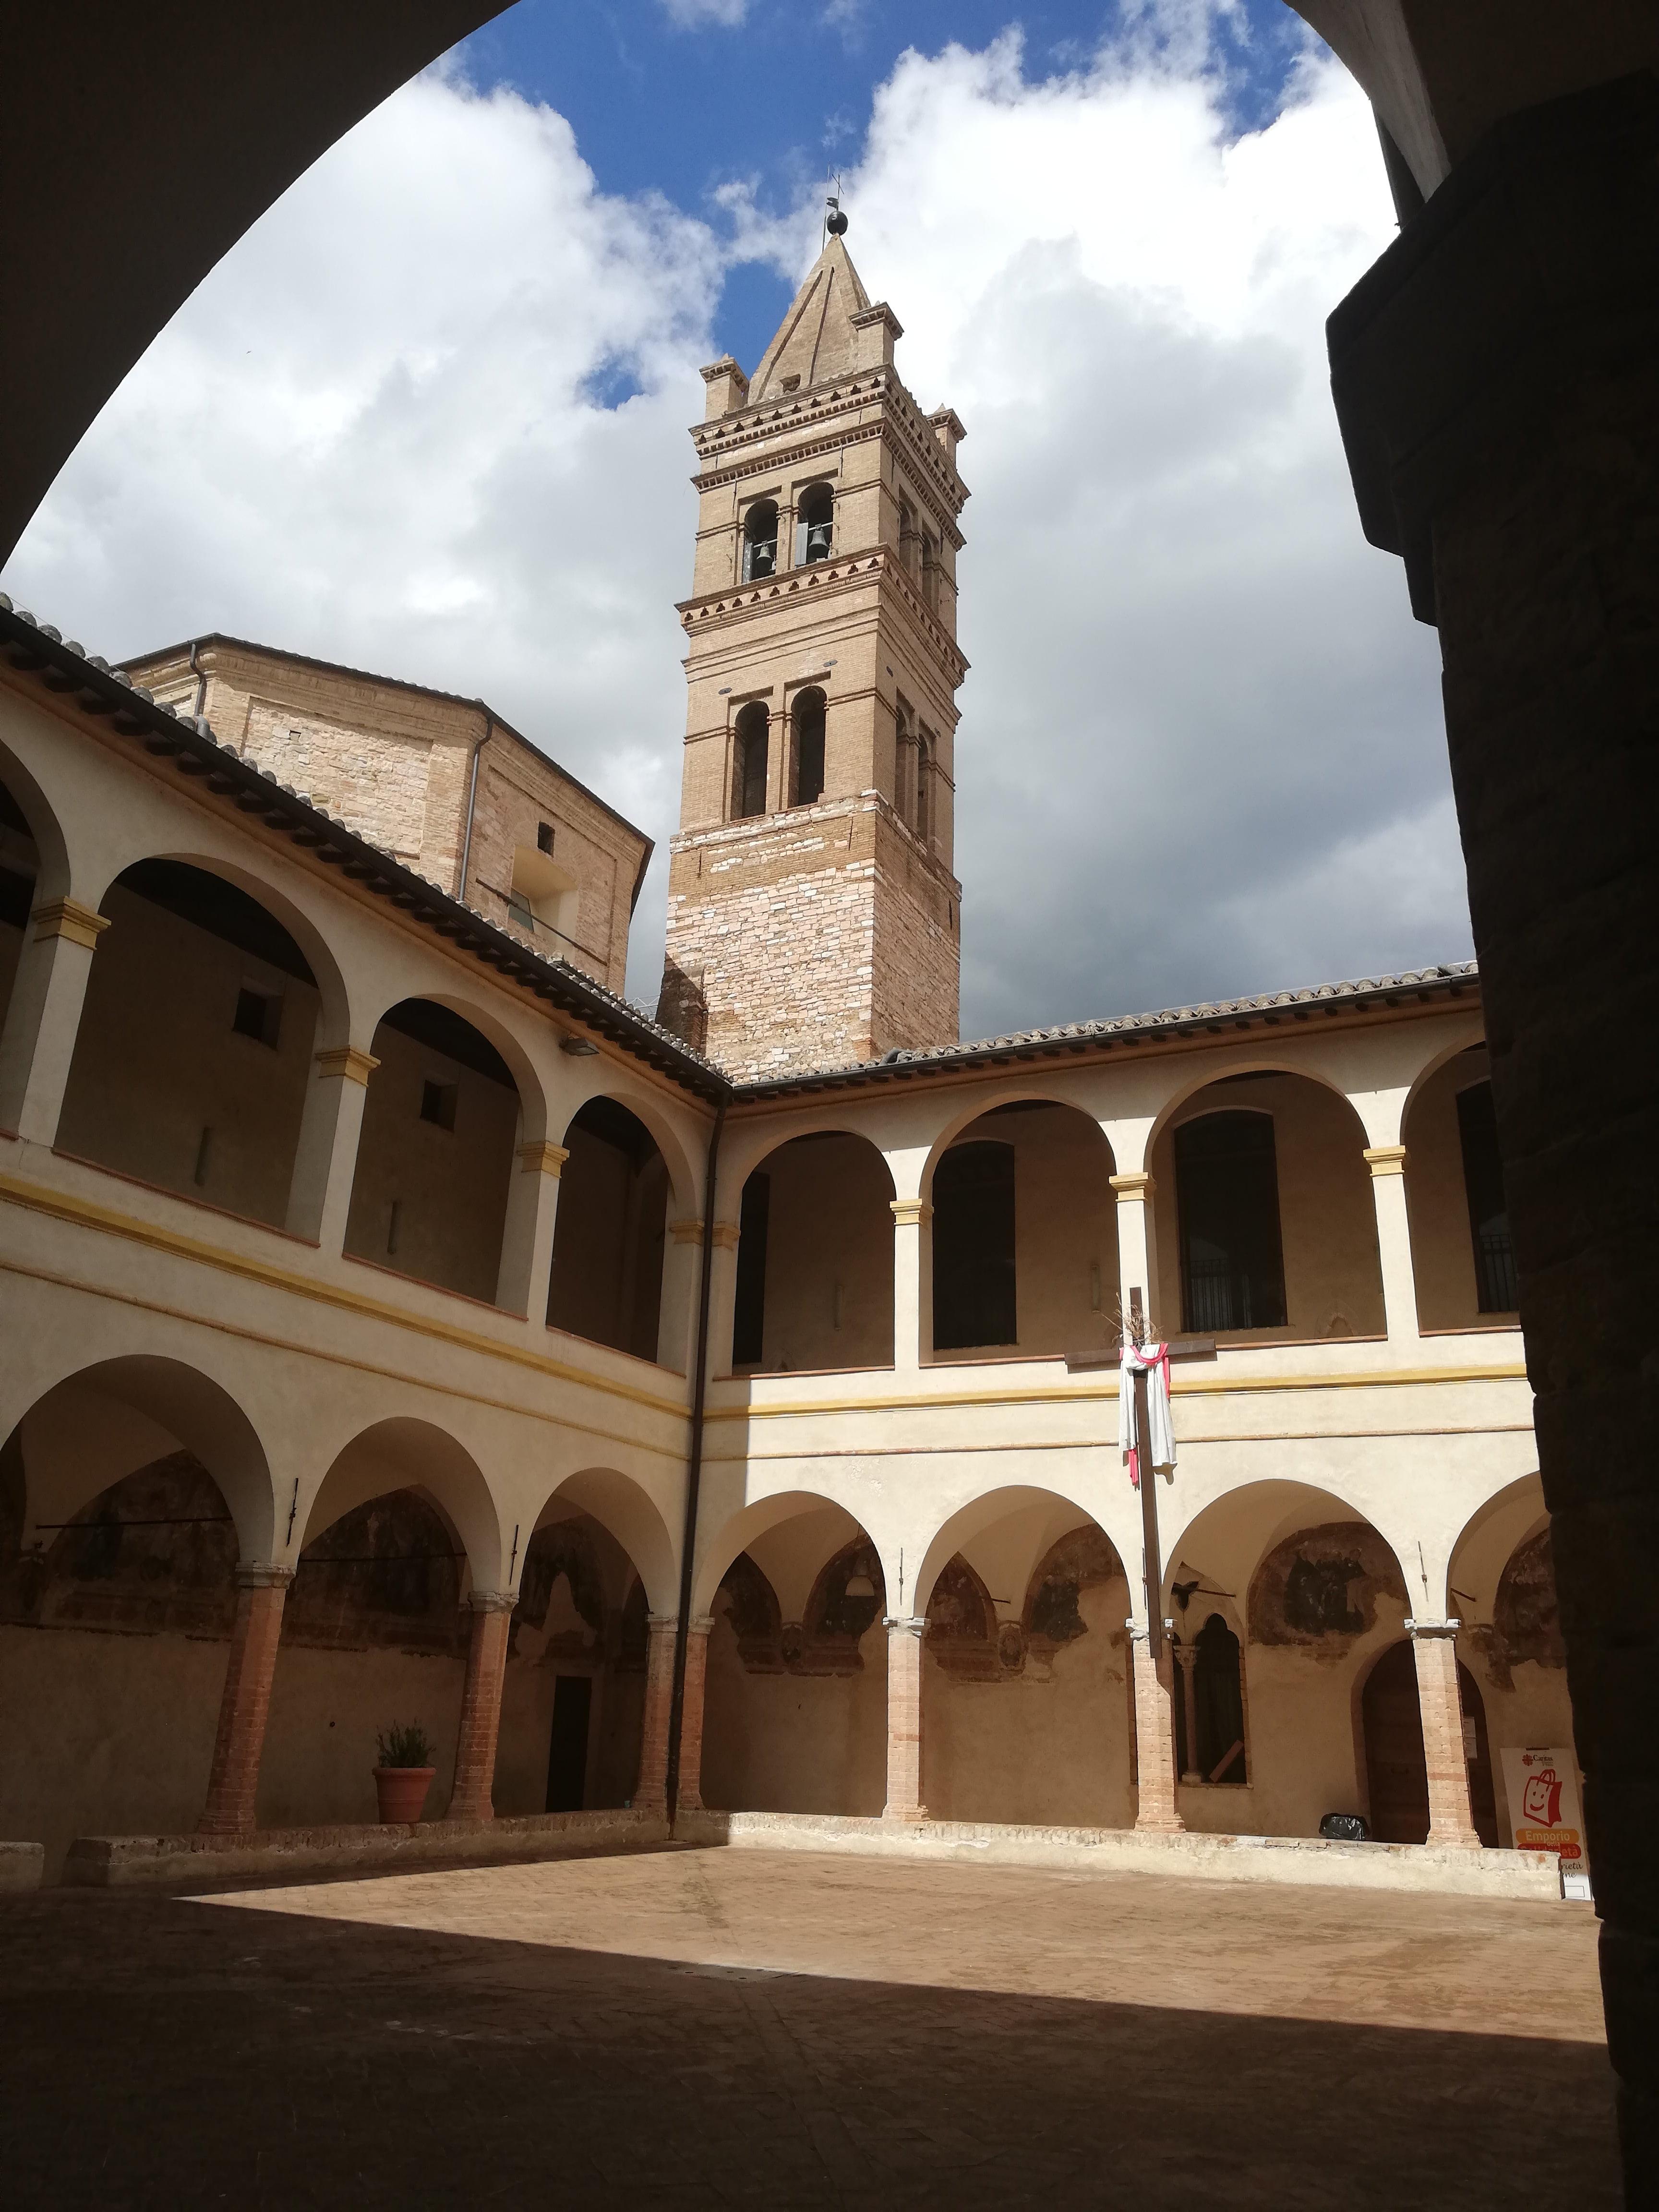 FOLIGNO COSA VEDERE, Chiostro di San Giacomo